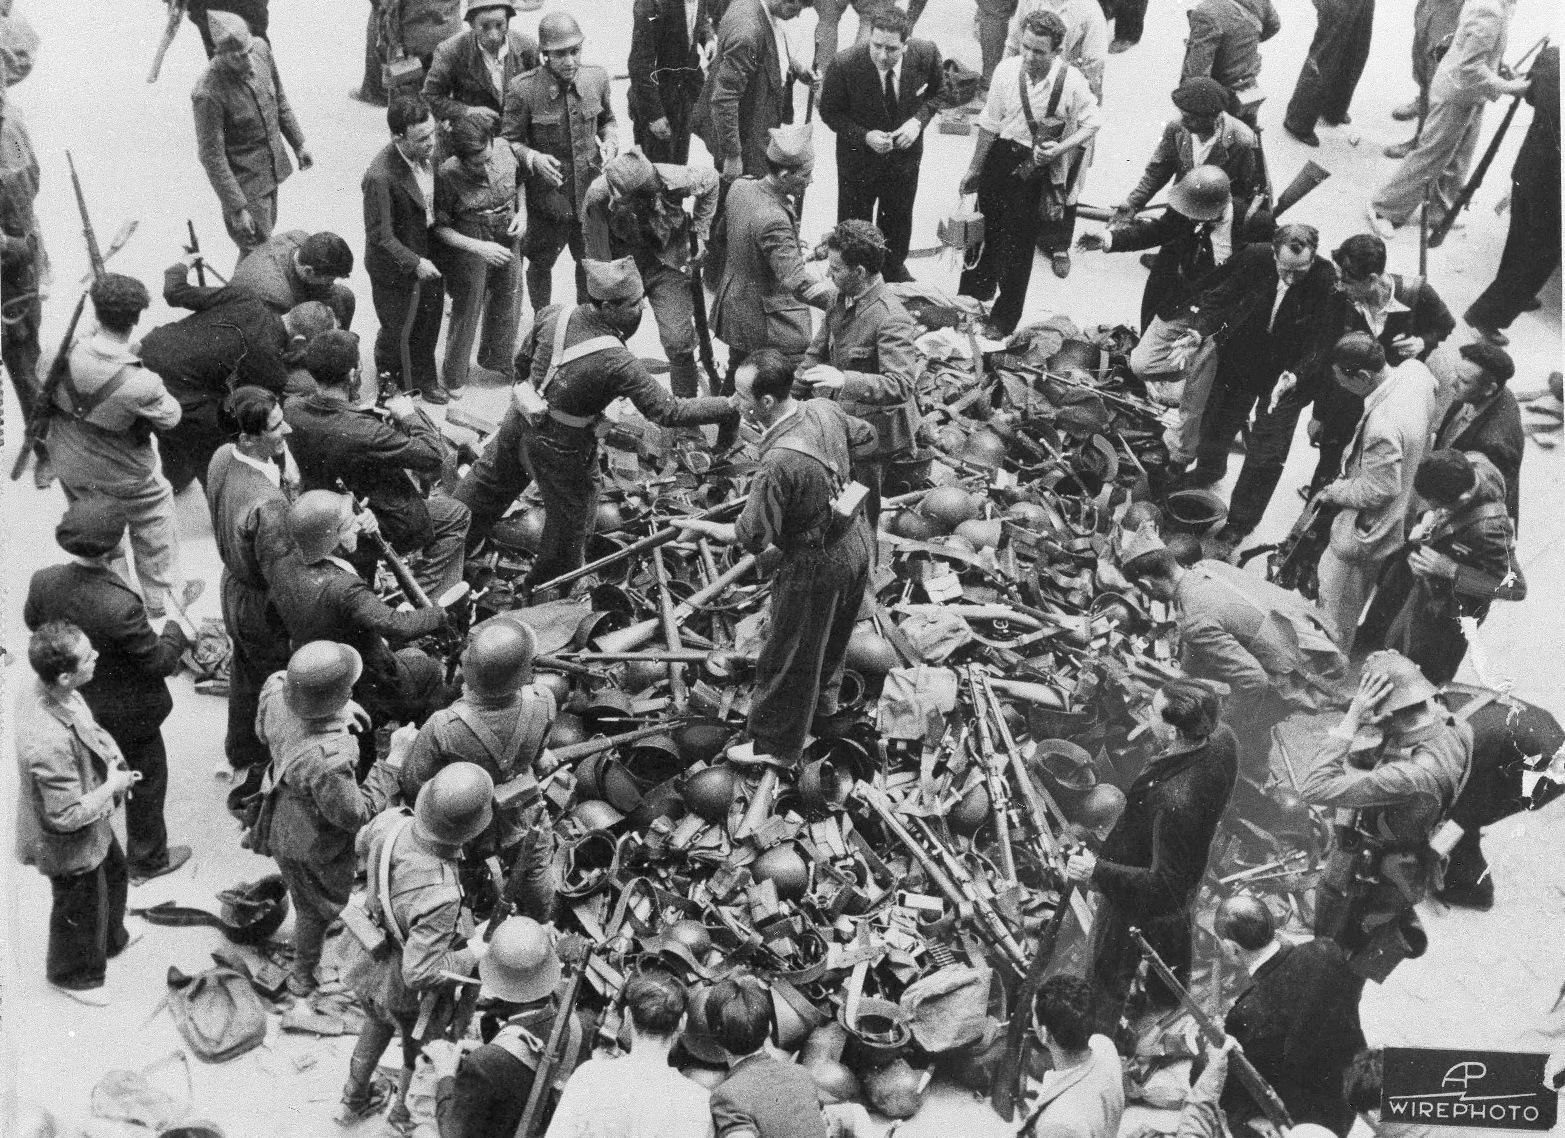 Όπλα και πυρομαχικά μοιράζονται σε απλούς πολίτες στους στρατώνες της Μαδρίτης, καθώς πολλοί πολίτες αποφασίζουν να πάρουν τα όπλα στο πλευρό της κυβέρνησης και εναντίον της ανταρσίας στου στρατηγού Φράνκο, σκοπεύοντας να προστατεύσουν την πόλη τους από τα στασιαστικά στρατεύματα, την πρώτη χρονιά του Ισπανικού Εμφυλίου Πολέμου, το 1936. (AP Photo) - Πηγή: Καθημερινή